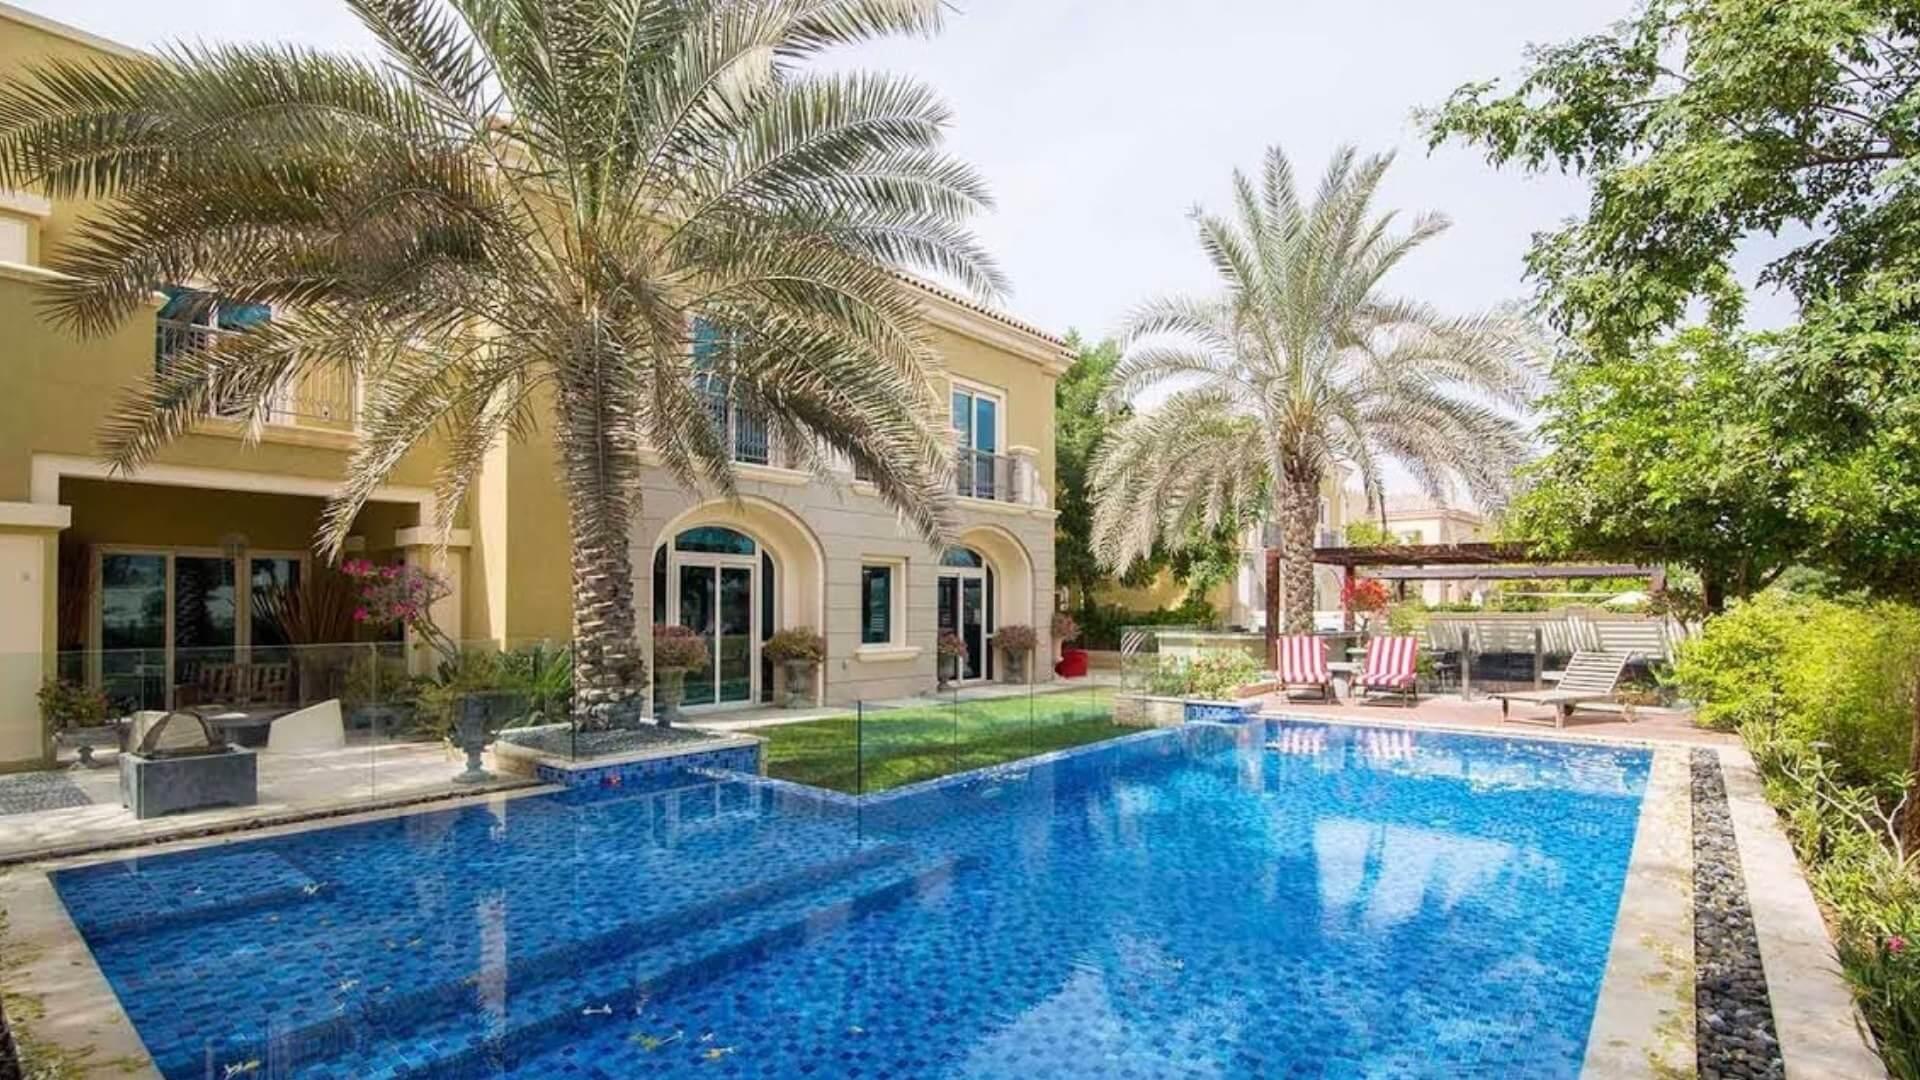 Villa en venta en Dubai, EAU, 5 dormitorios, 930 m2, № 24326 – foto 3